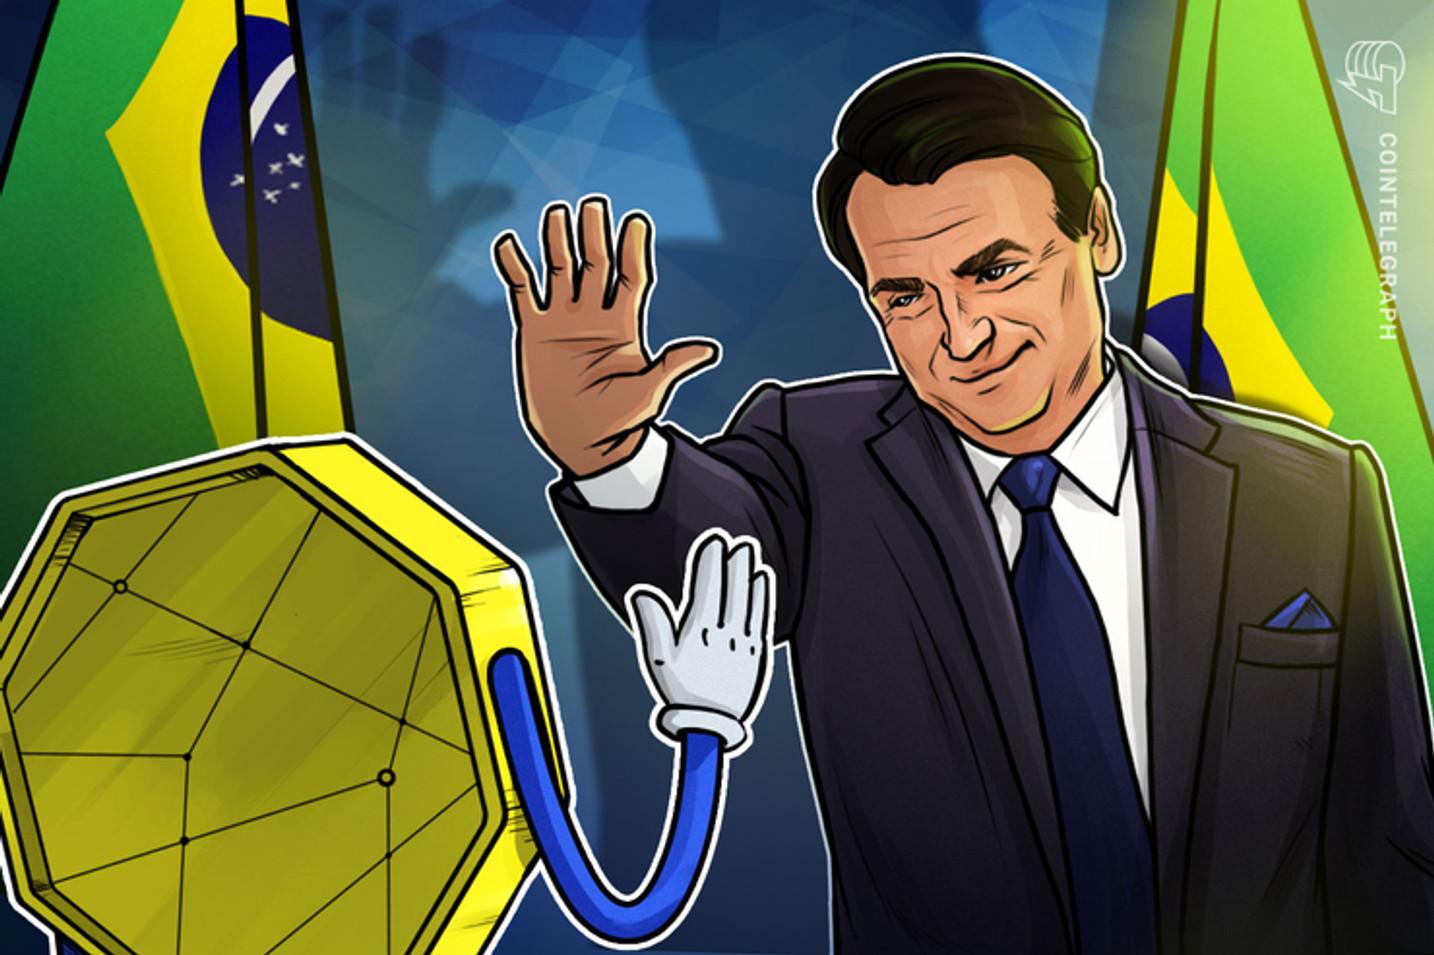 Uso do Bitcoin no Brasil deve ser debatido junto com a Reforma Tributária de Guedes e Bolsonaro, defende deputado